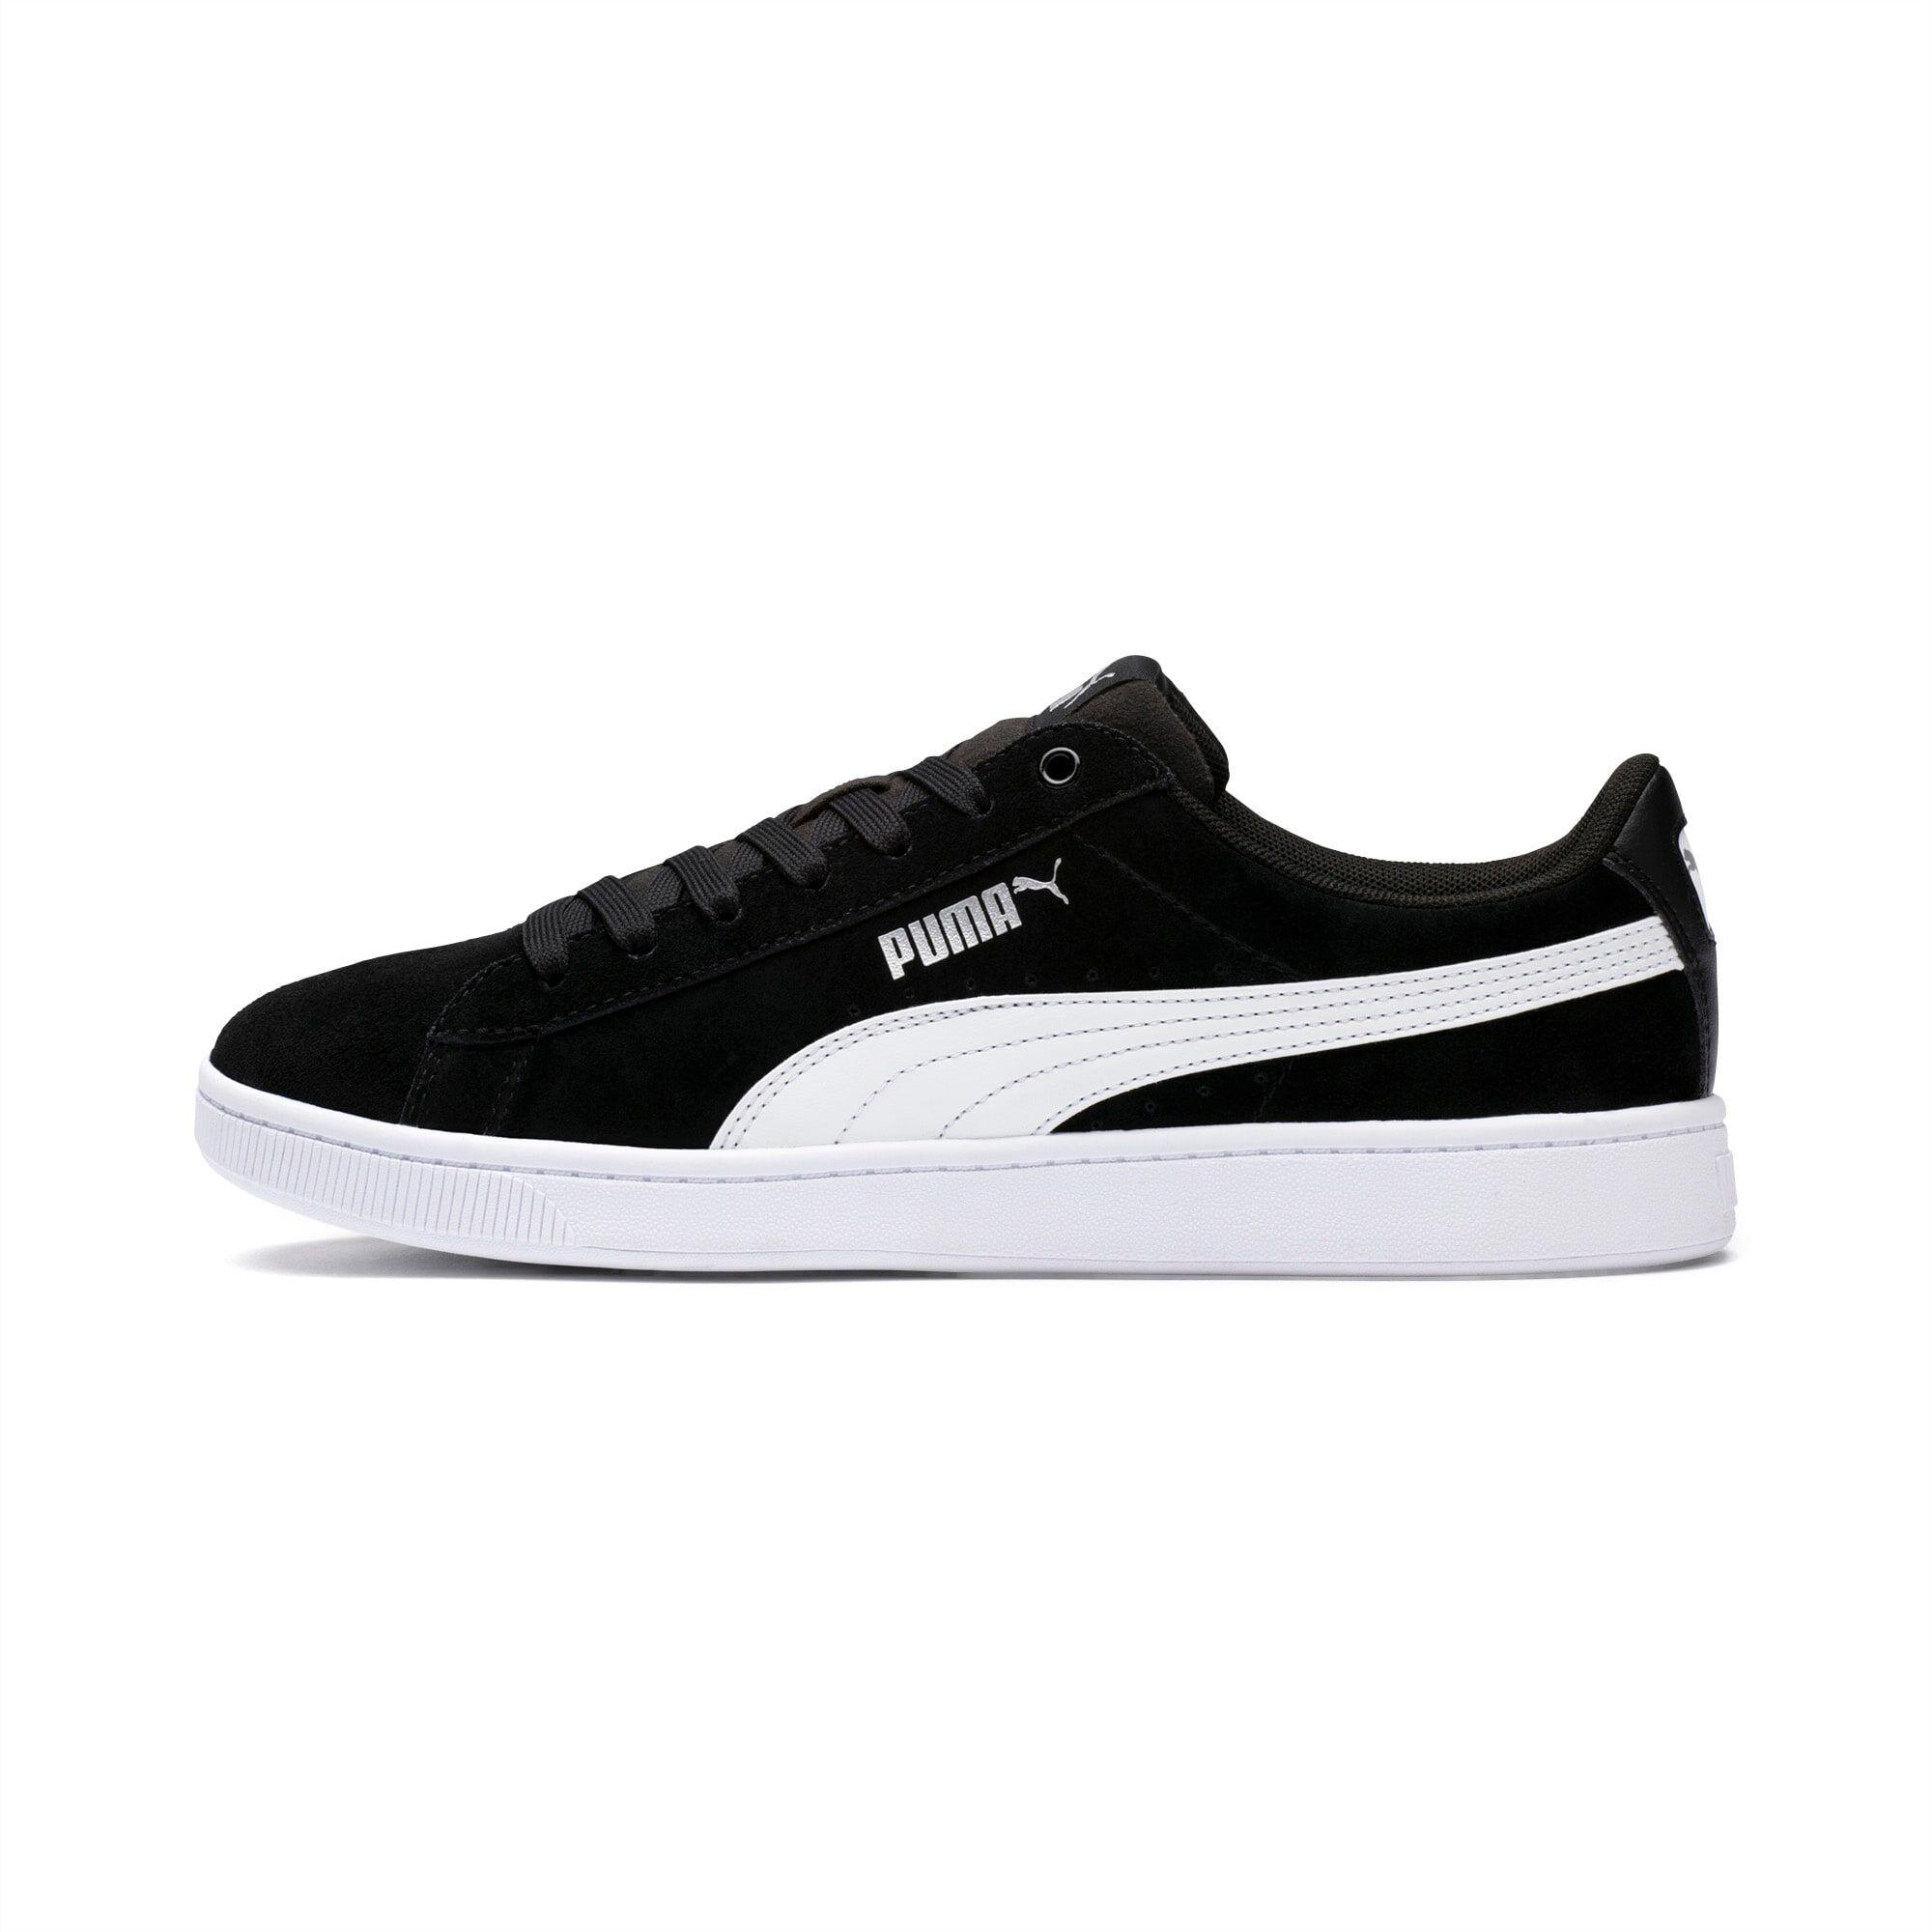 PUMA Chaussure Basket Vikky v2 pour Femme, Noir/Blanc/Argent, Taille 38.5, Chaussures